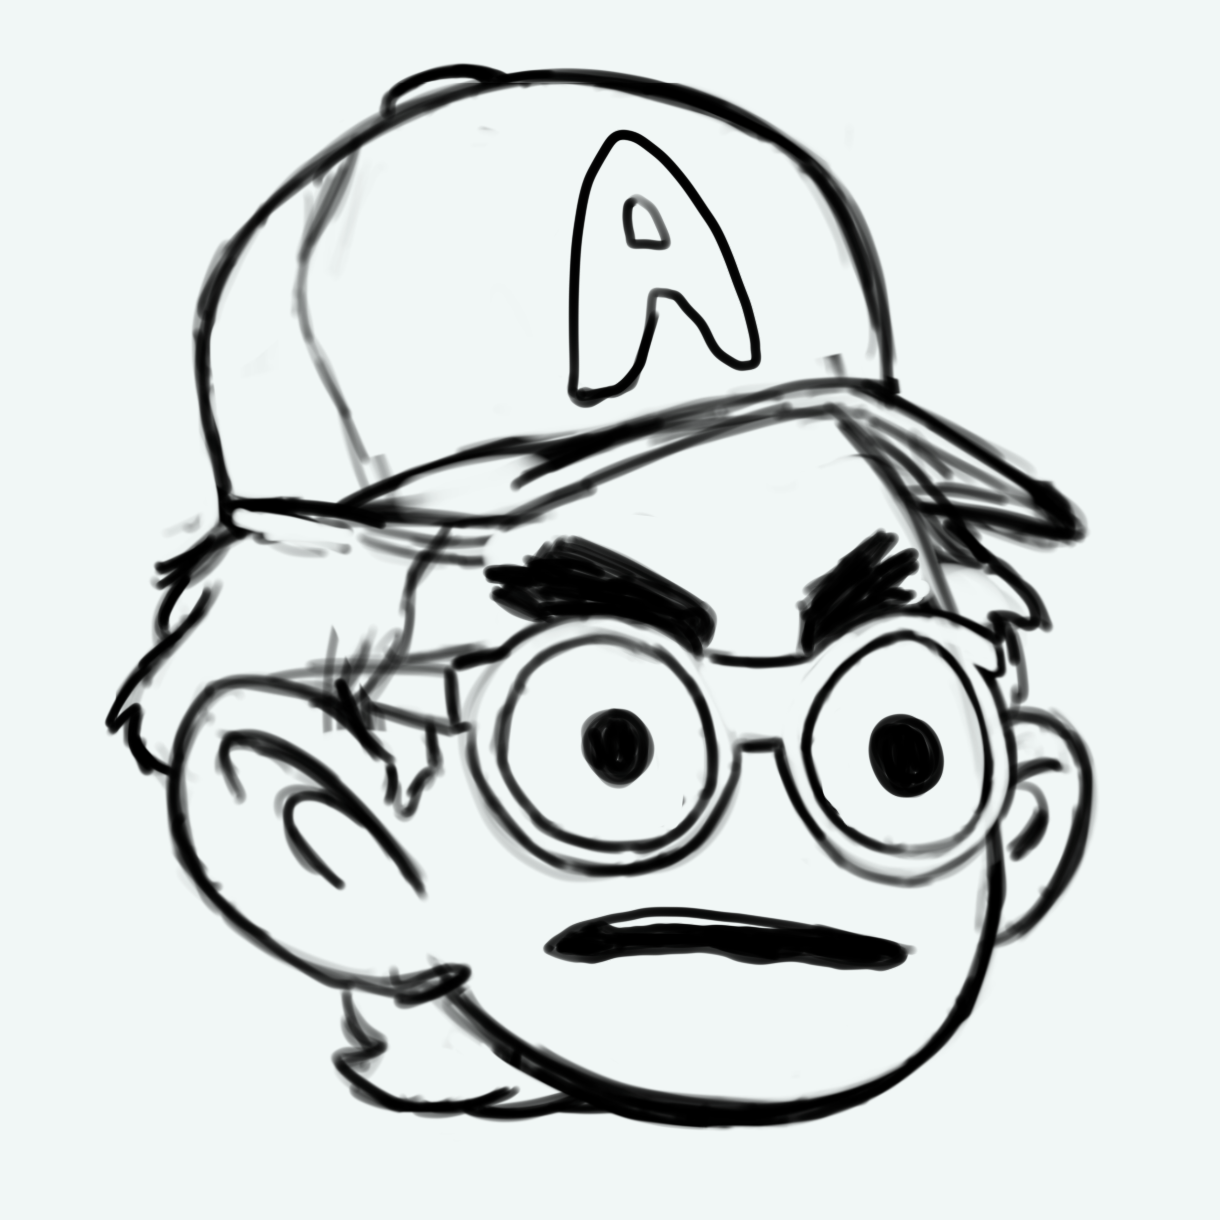 Original portrait of me